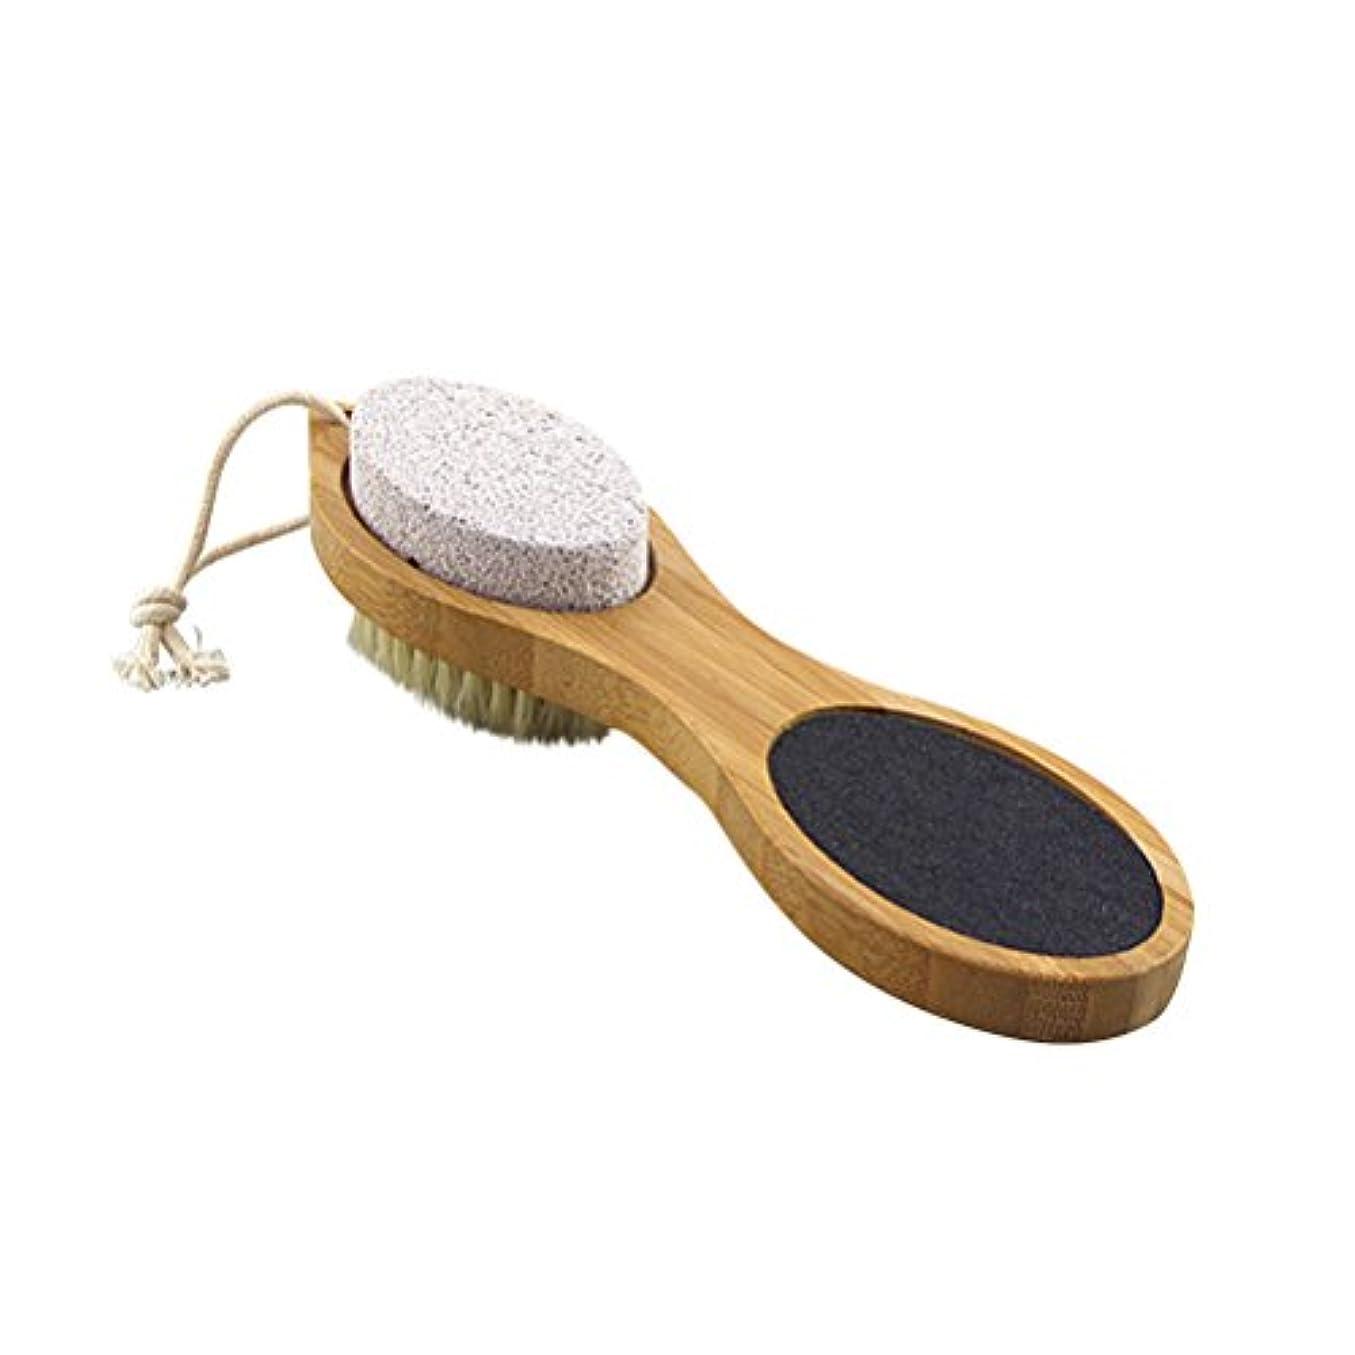 きょうだい地殻忠誠ULTNICE 足ブラシ 角質除去 毛ブラシ?砂ブラシ?軽石ブラシ?鋼ブラシ ボディブラシ フットマッサージ